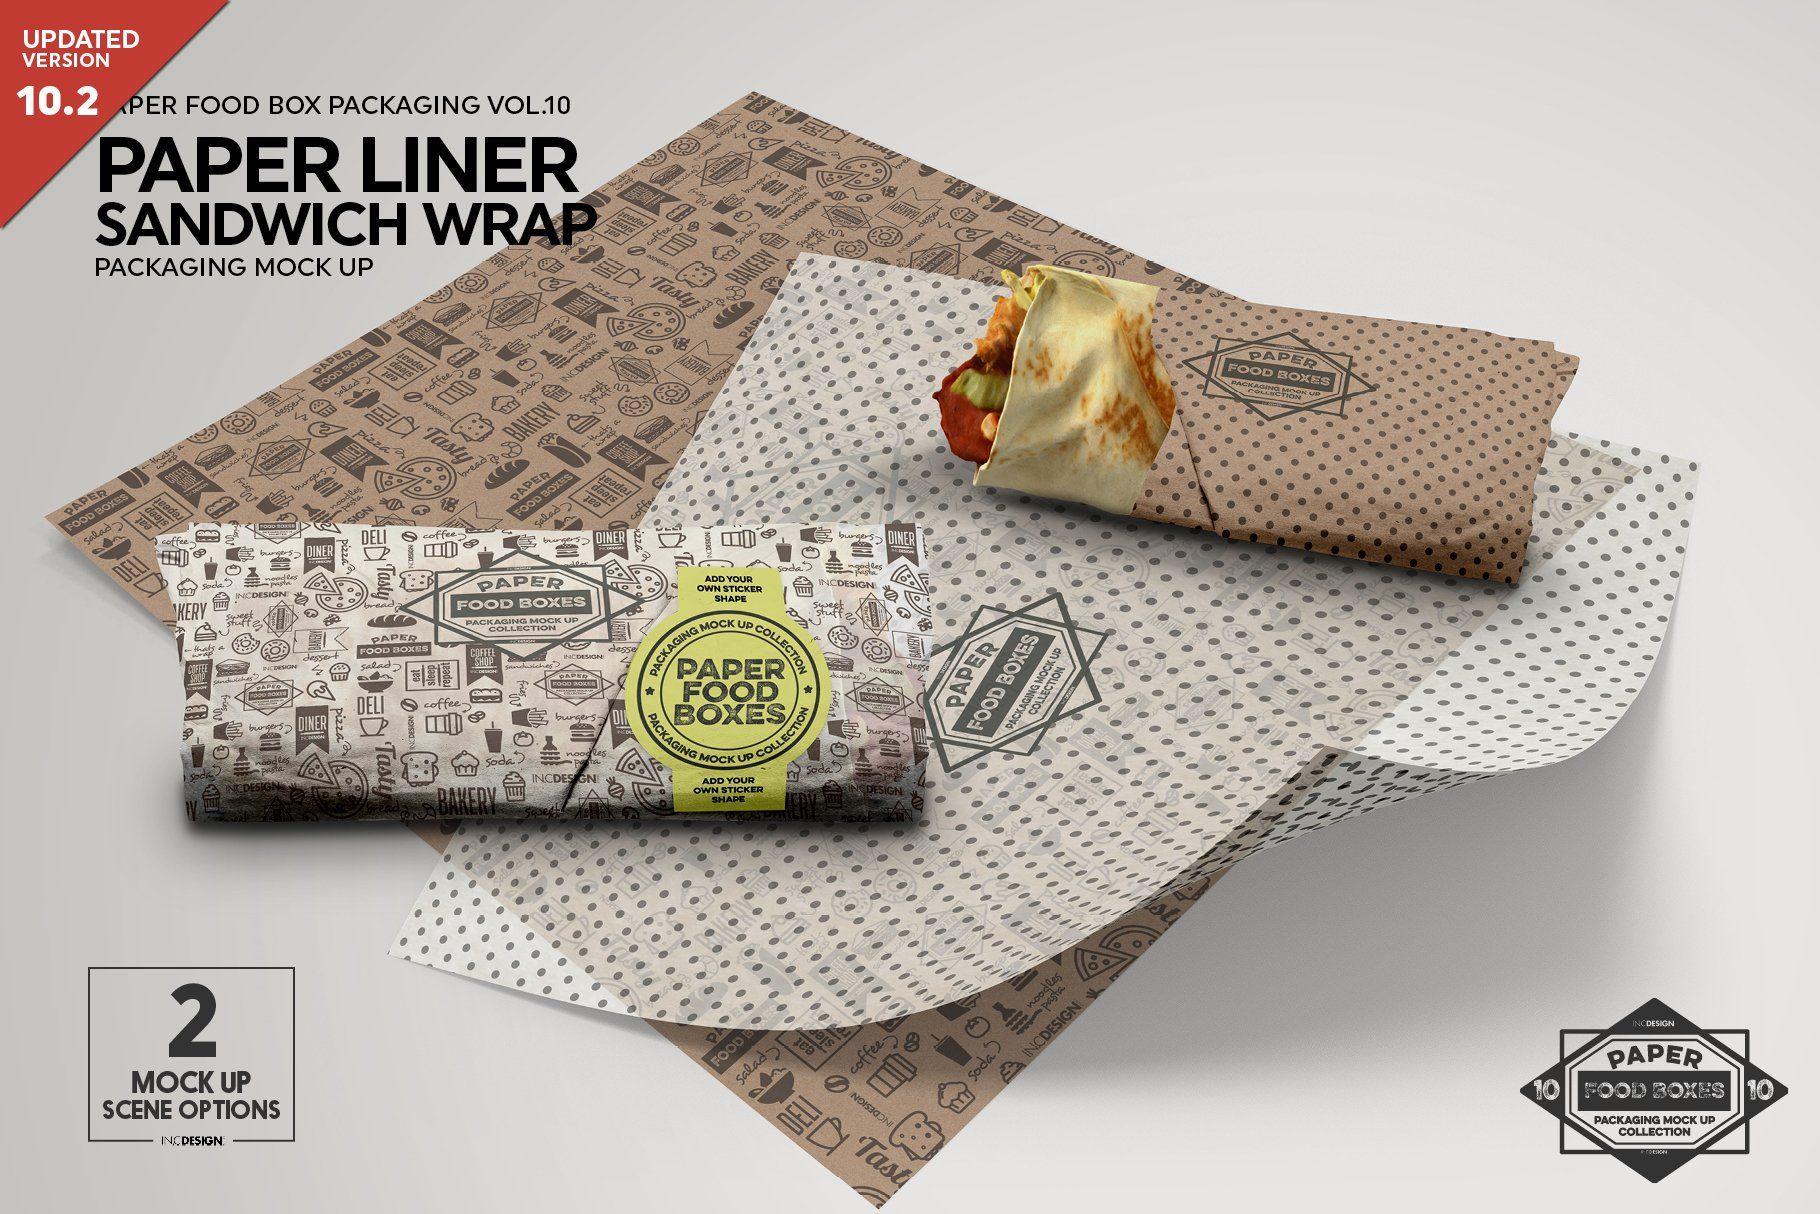 Posted on jul 22, 2019. Wrap Or Burrito Paper Liner Mockup Free Packaging Mockup Design Mockup Free Paper Liner